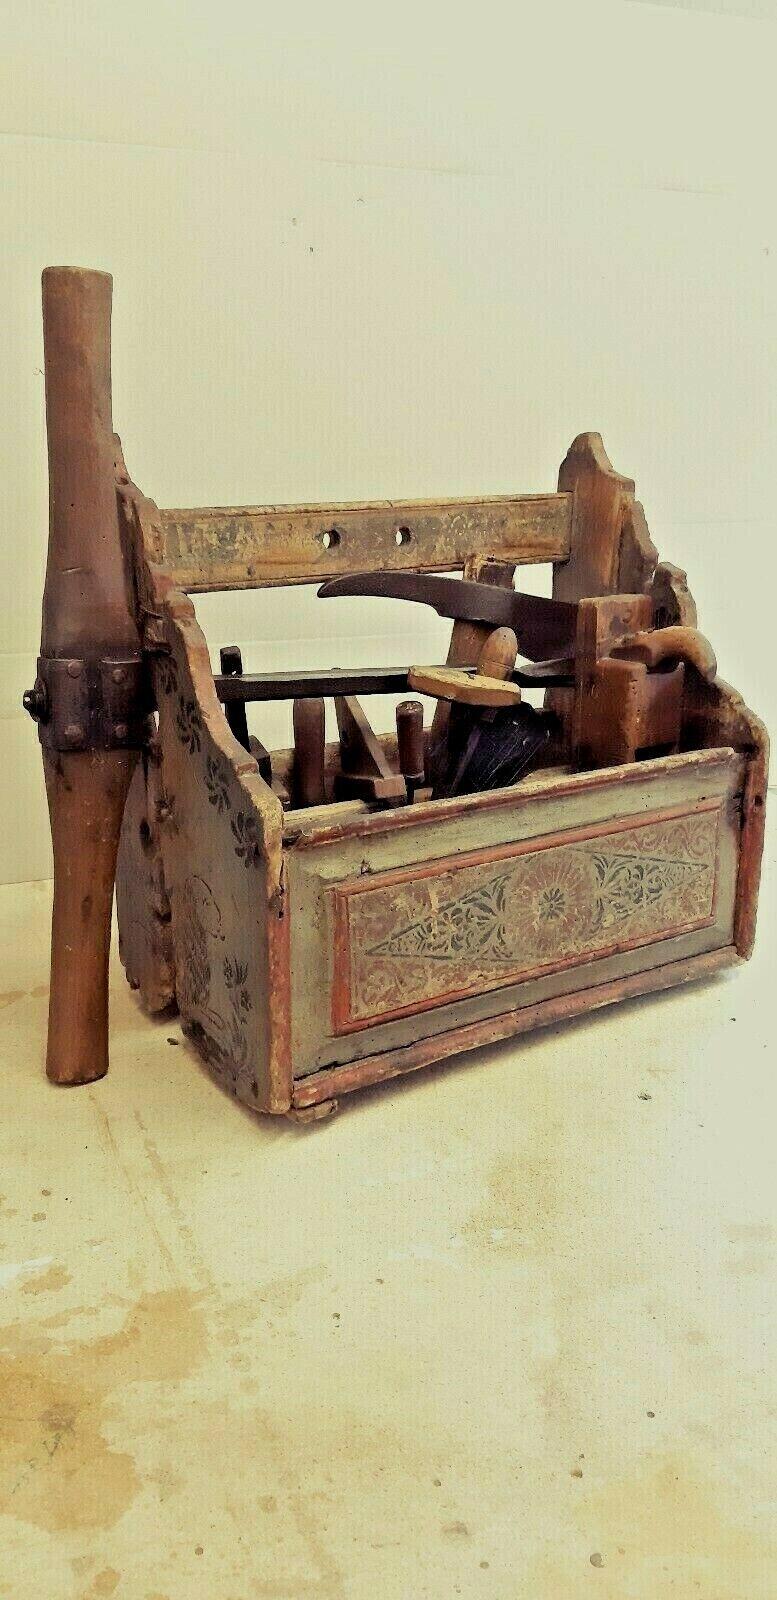 uralte Werkzeugkiste aus Holz mit Malerei,mit Werkzeug,ca1880, Schreinerkiste